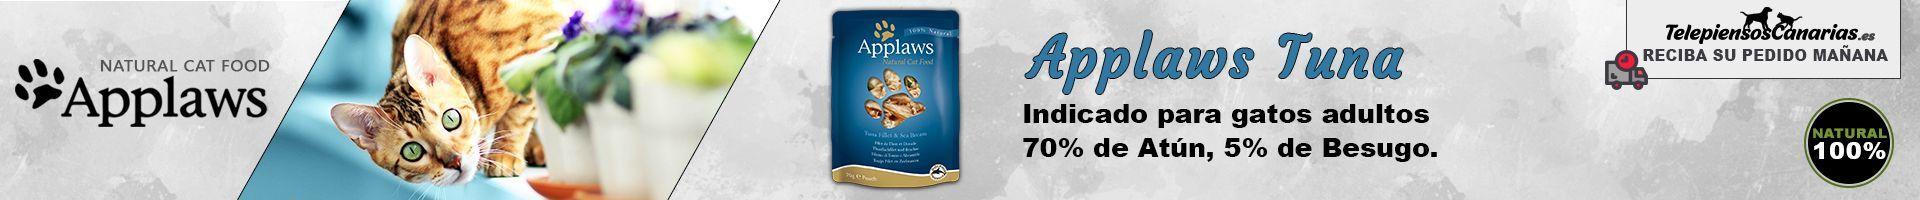 Applaws pouch con caldo, filete de atún y besugo